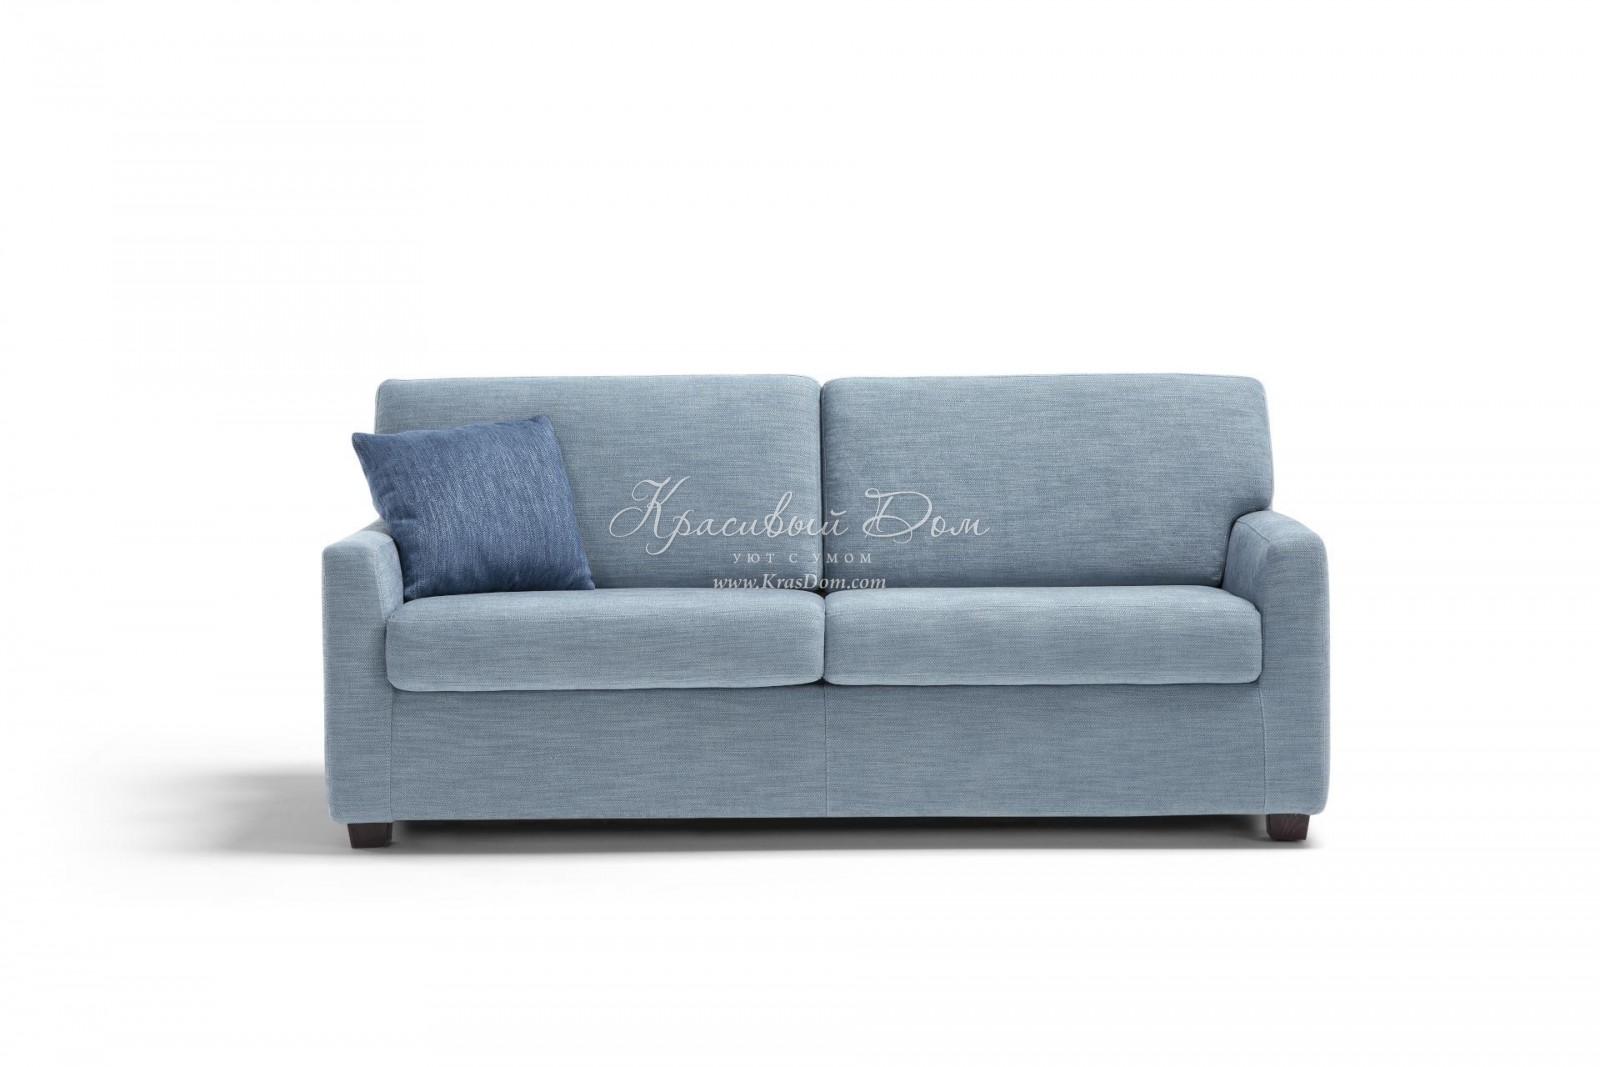 диван кровать Dns29 компактный раскладной диван в серо голубой